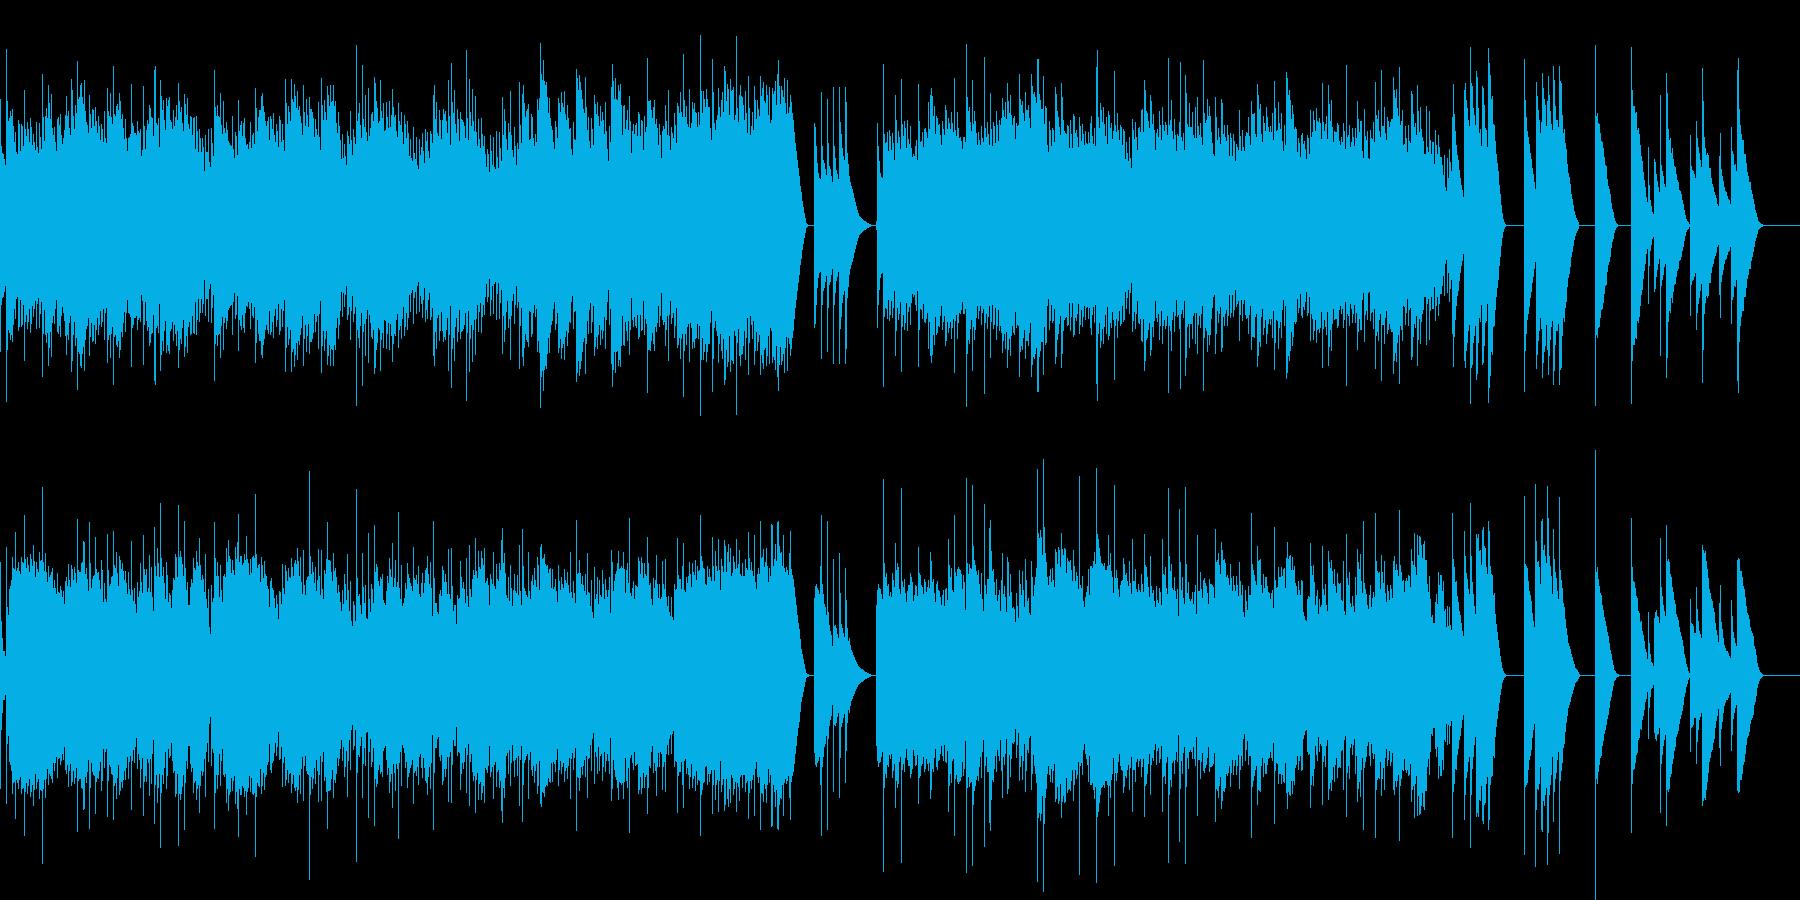 リスト 愛の夢 第3番 (オルゴール)の再生済みの波形